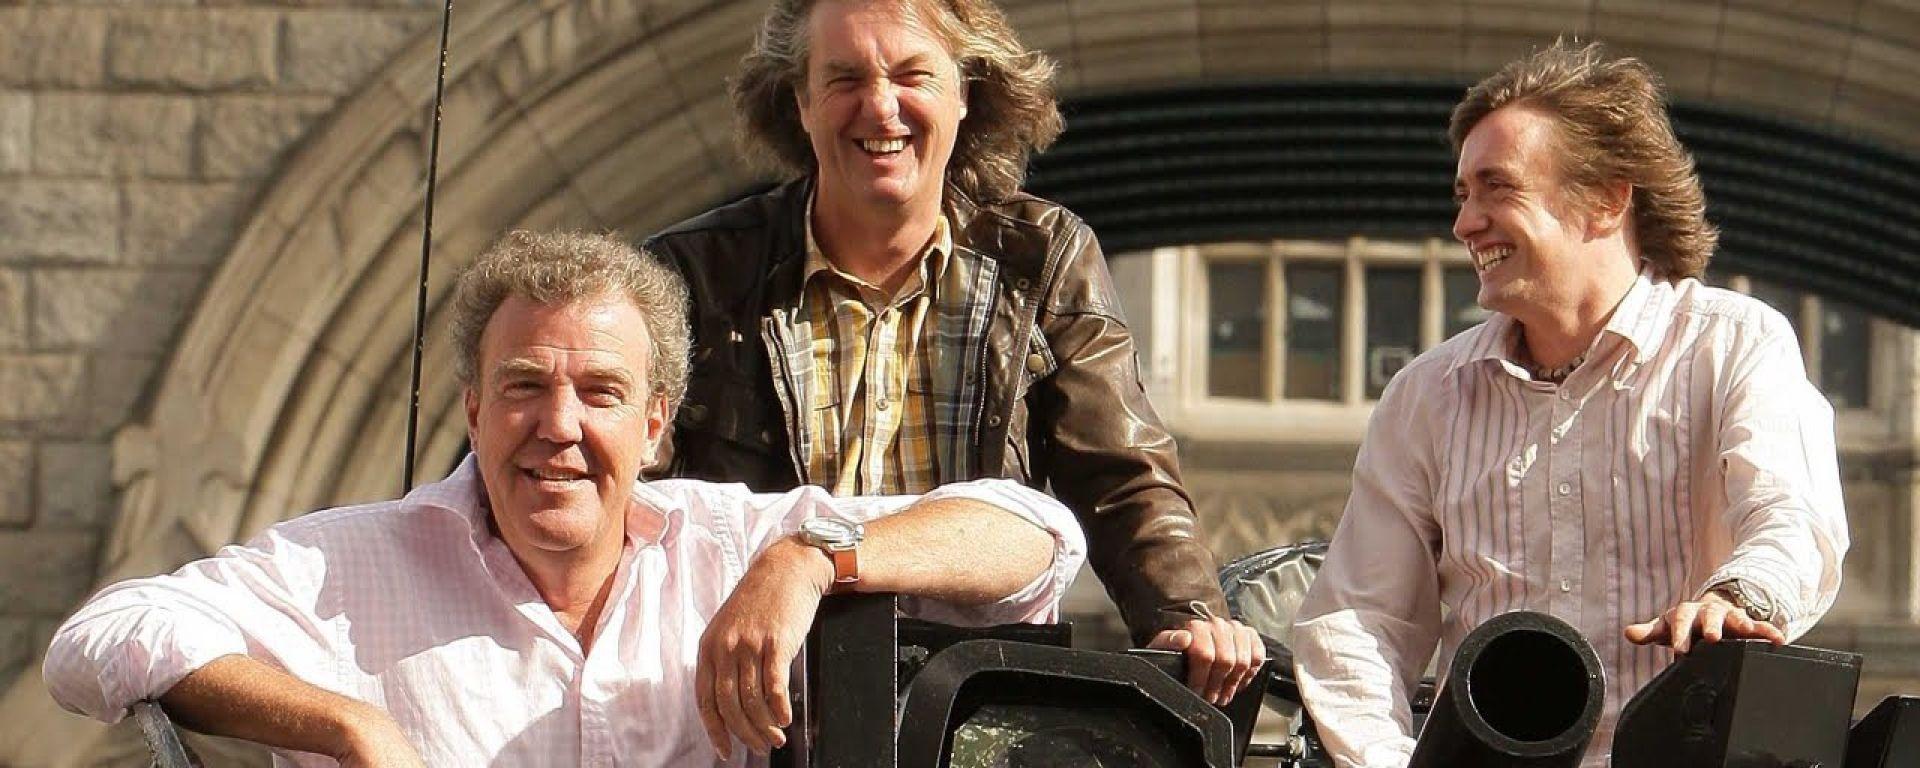 The Grand Tour con Jeremy Clarkson, lo show di Amazon erede di Top Gear, sarebbe il più piratato di sempre. Se non che...